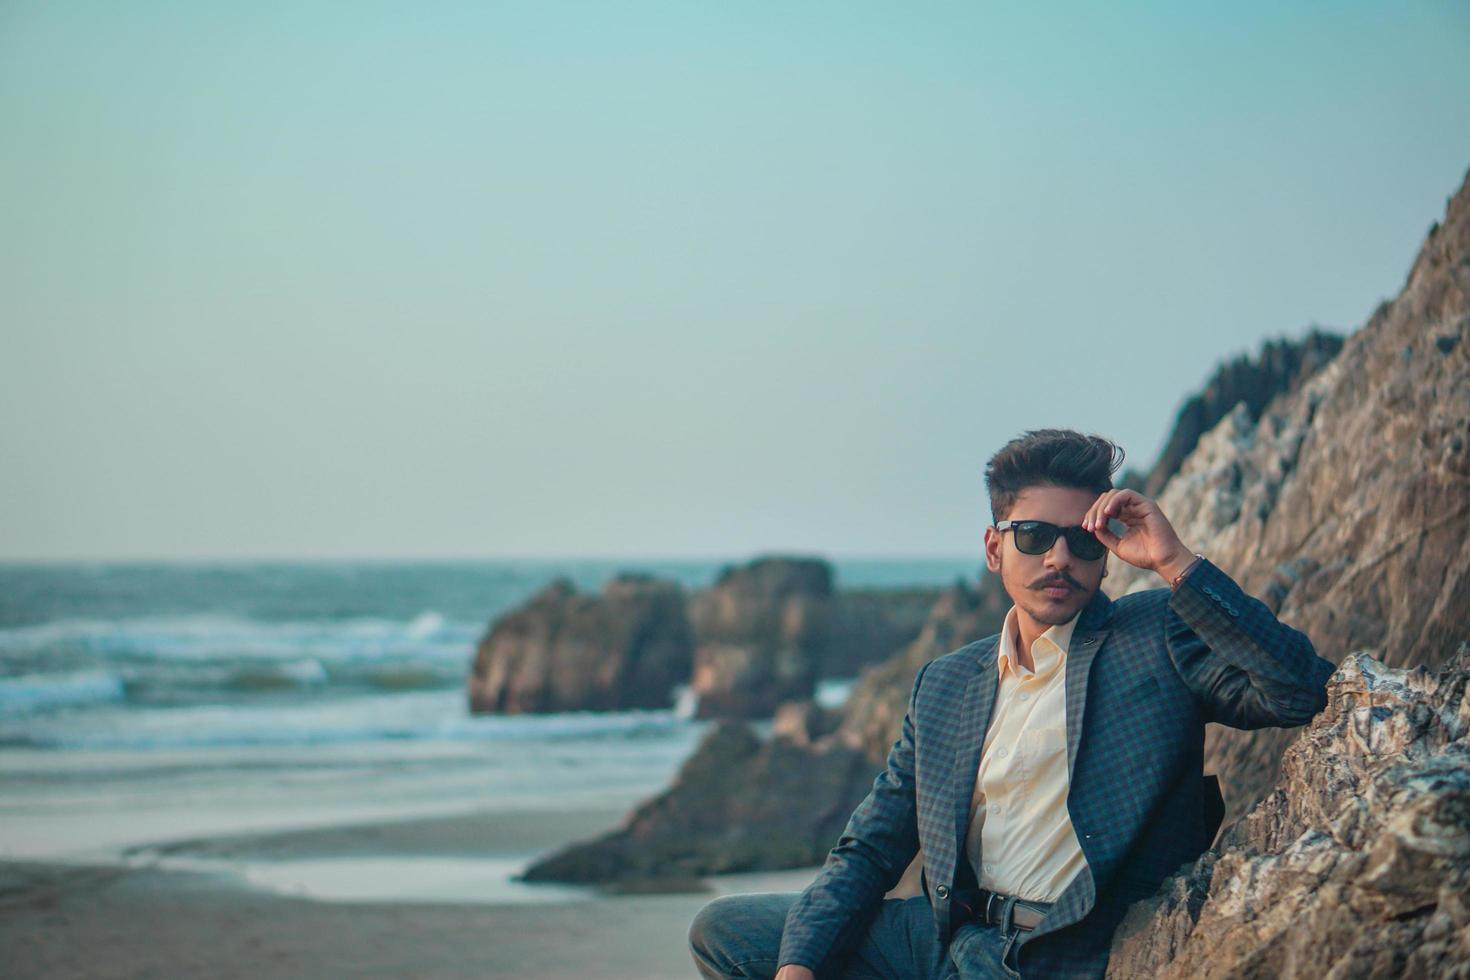 uomo in tuta sulla spiaggia foto